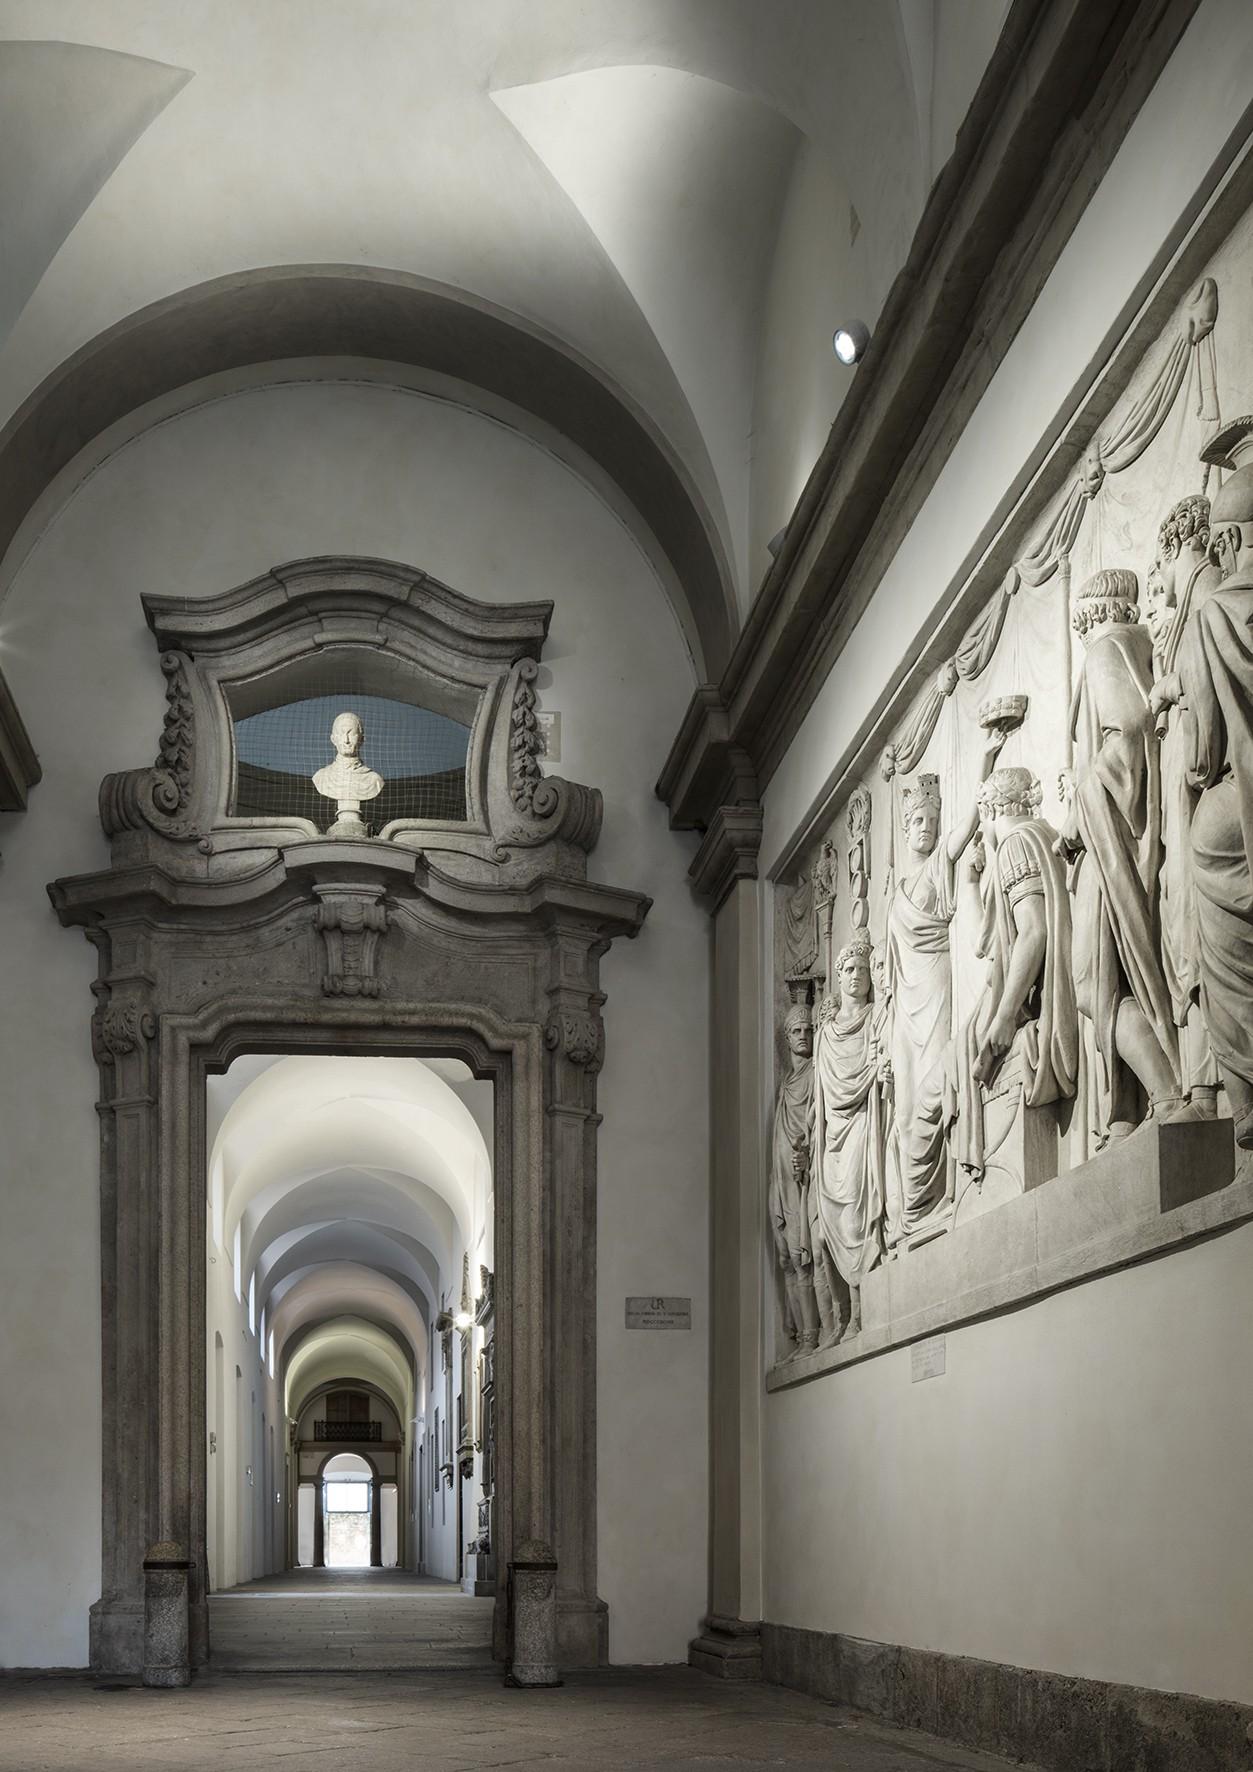 Bottega Veneta escolhe a Academia de Belas Artes de Brera em Milão para desfile histórico (Foto: Divulgação)